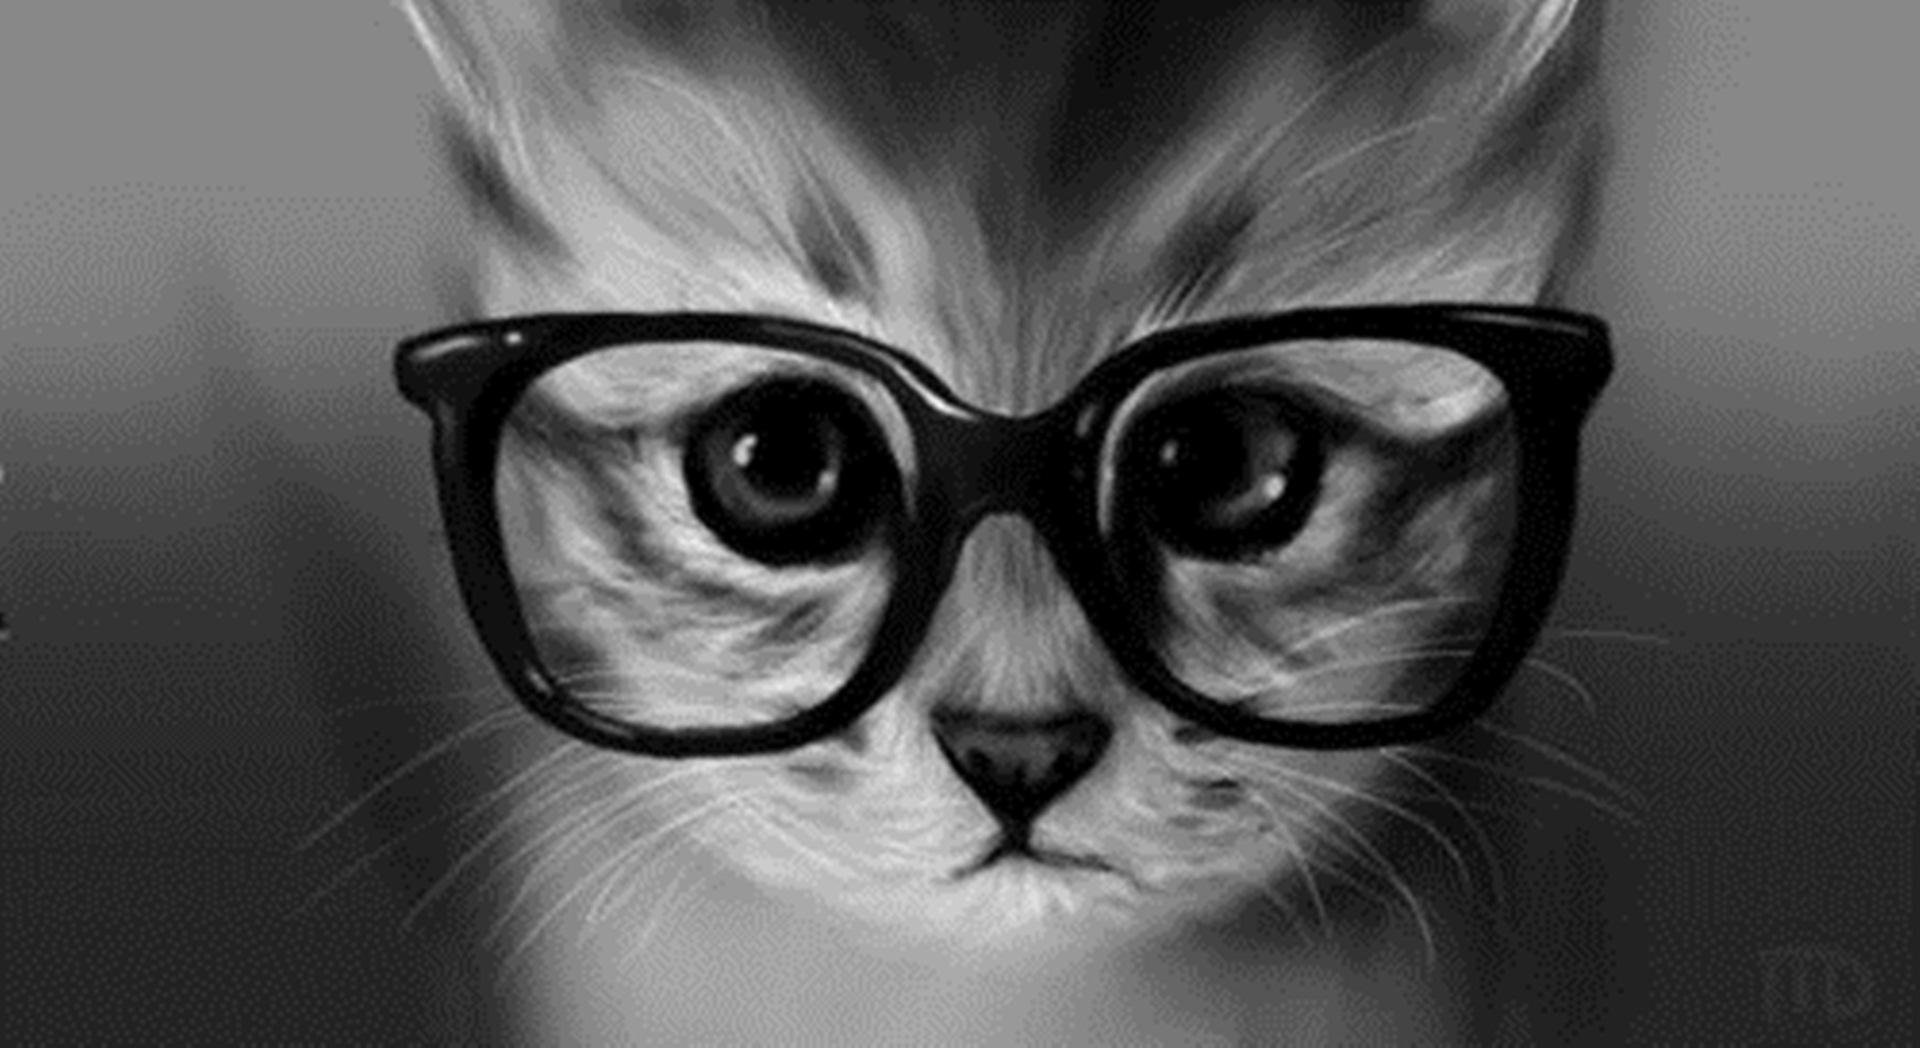 Funny Cat Glasses Wallpaper Wallpaper WallpaperLepi 1920x1048